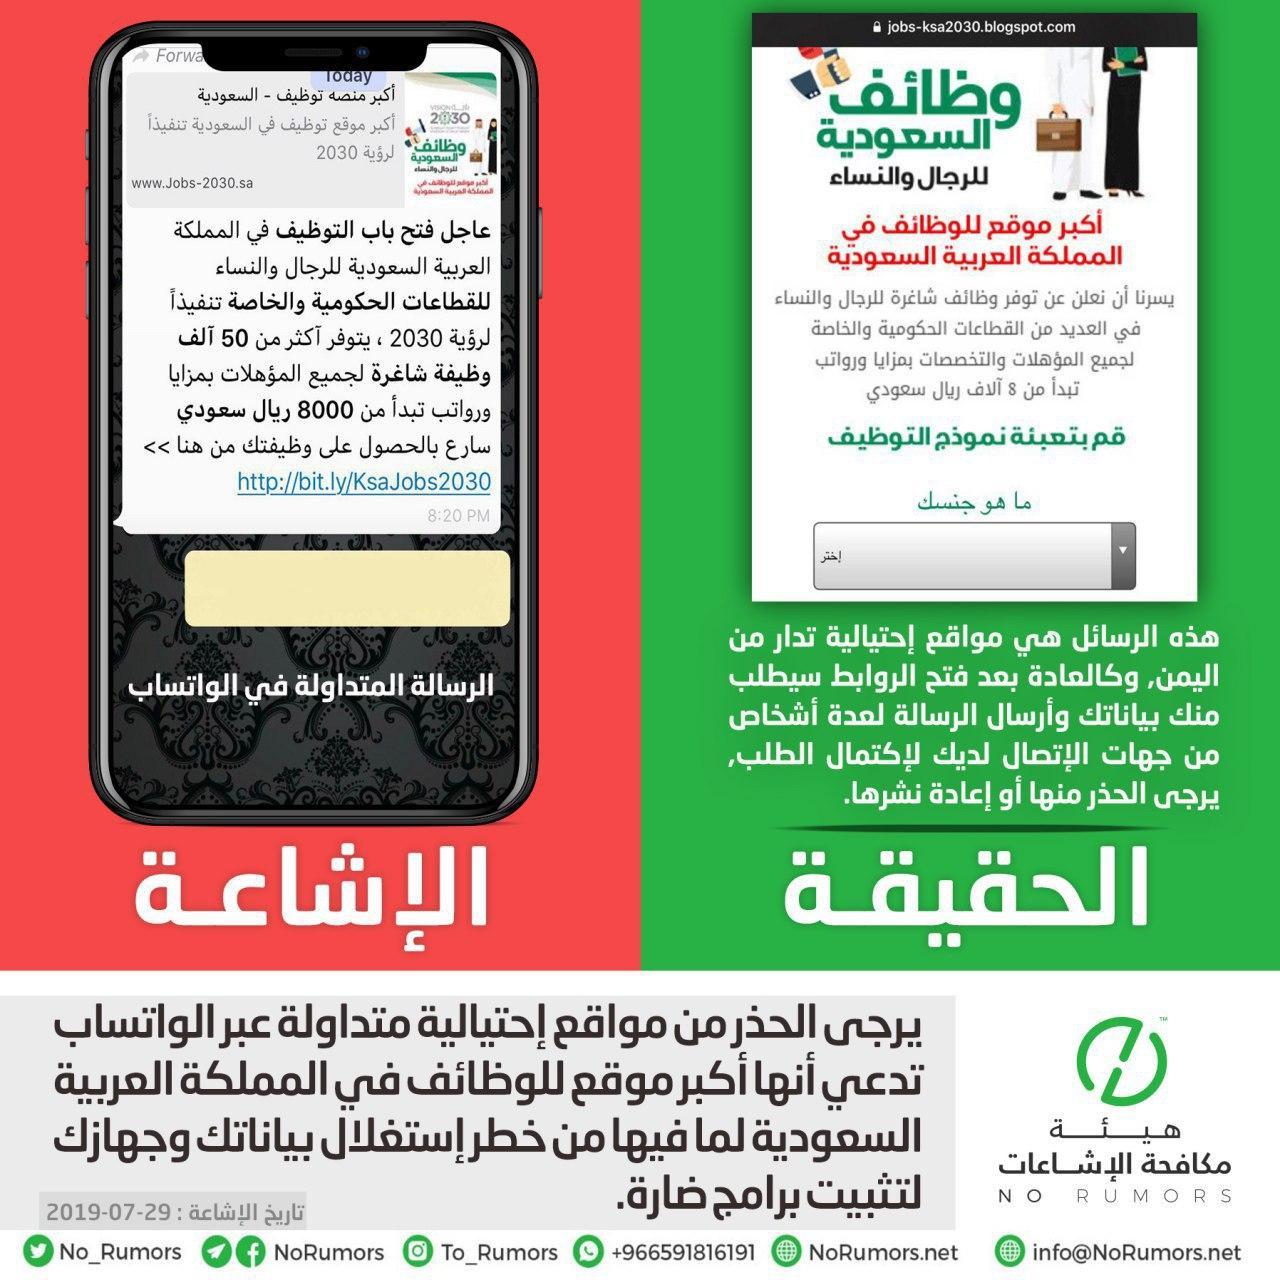 حقيقة رسالة أكبر موقع للوظائف في السعودية